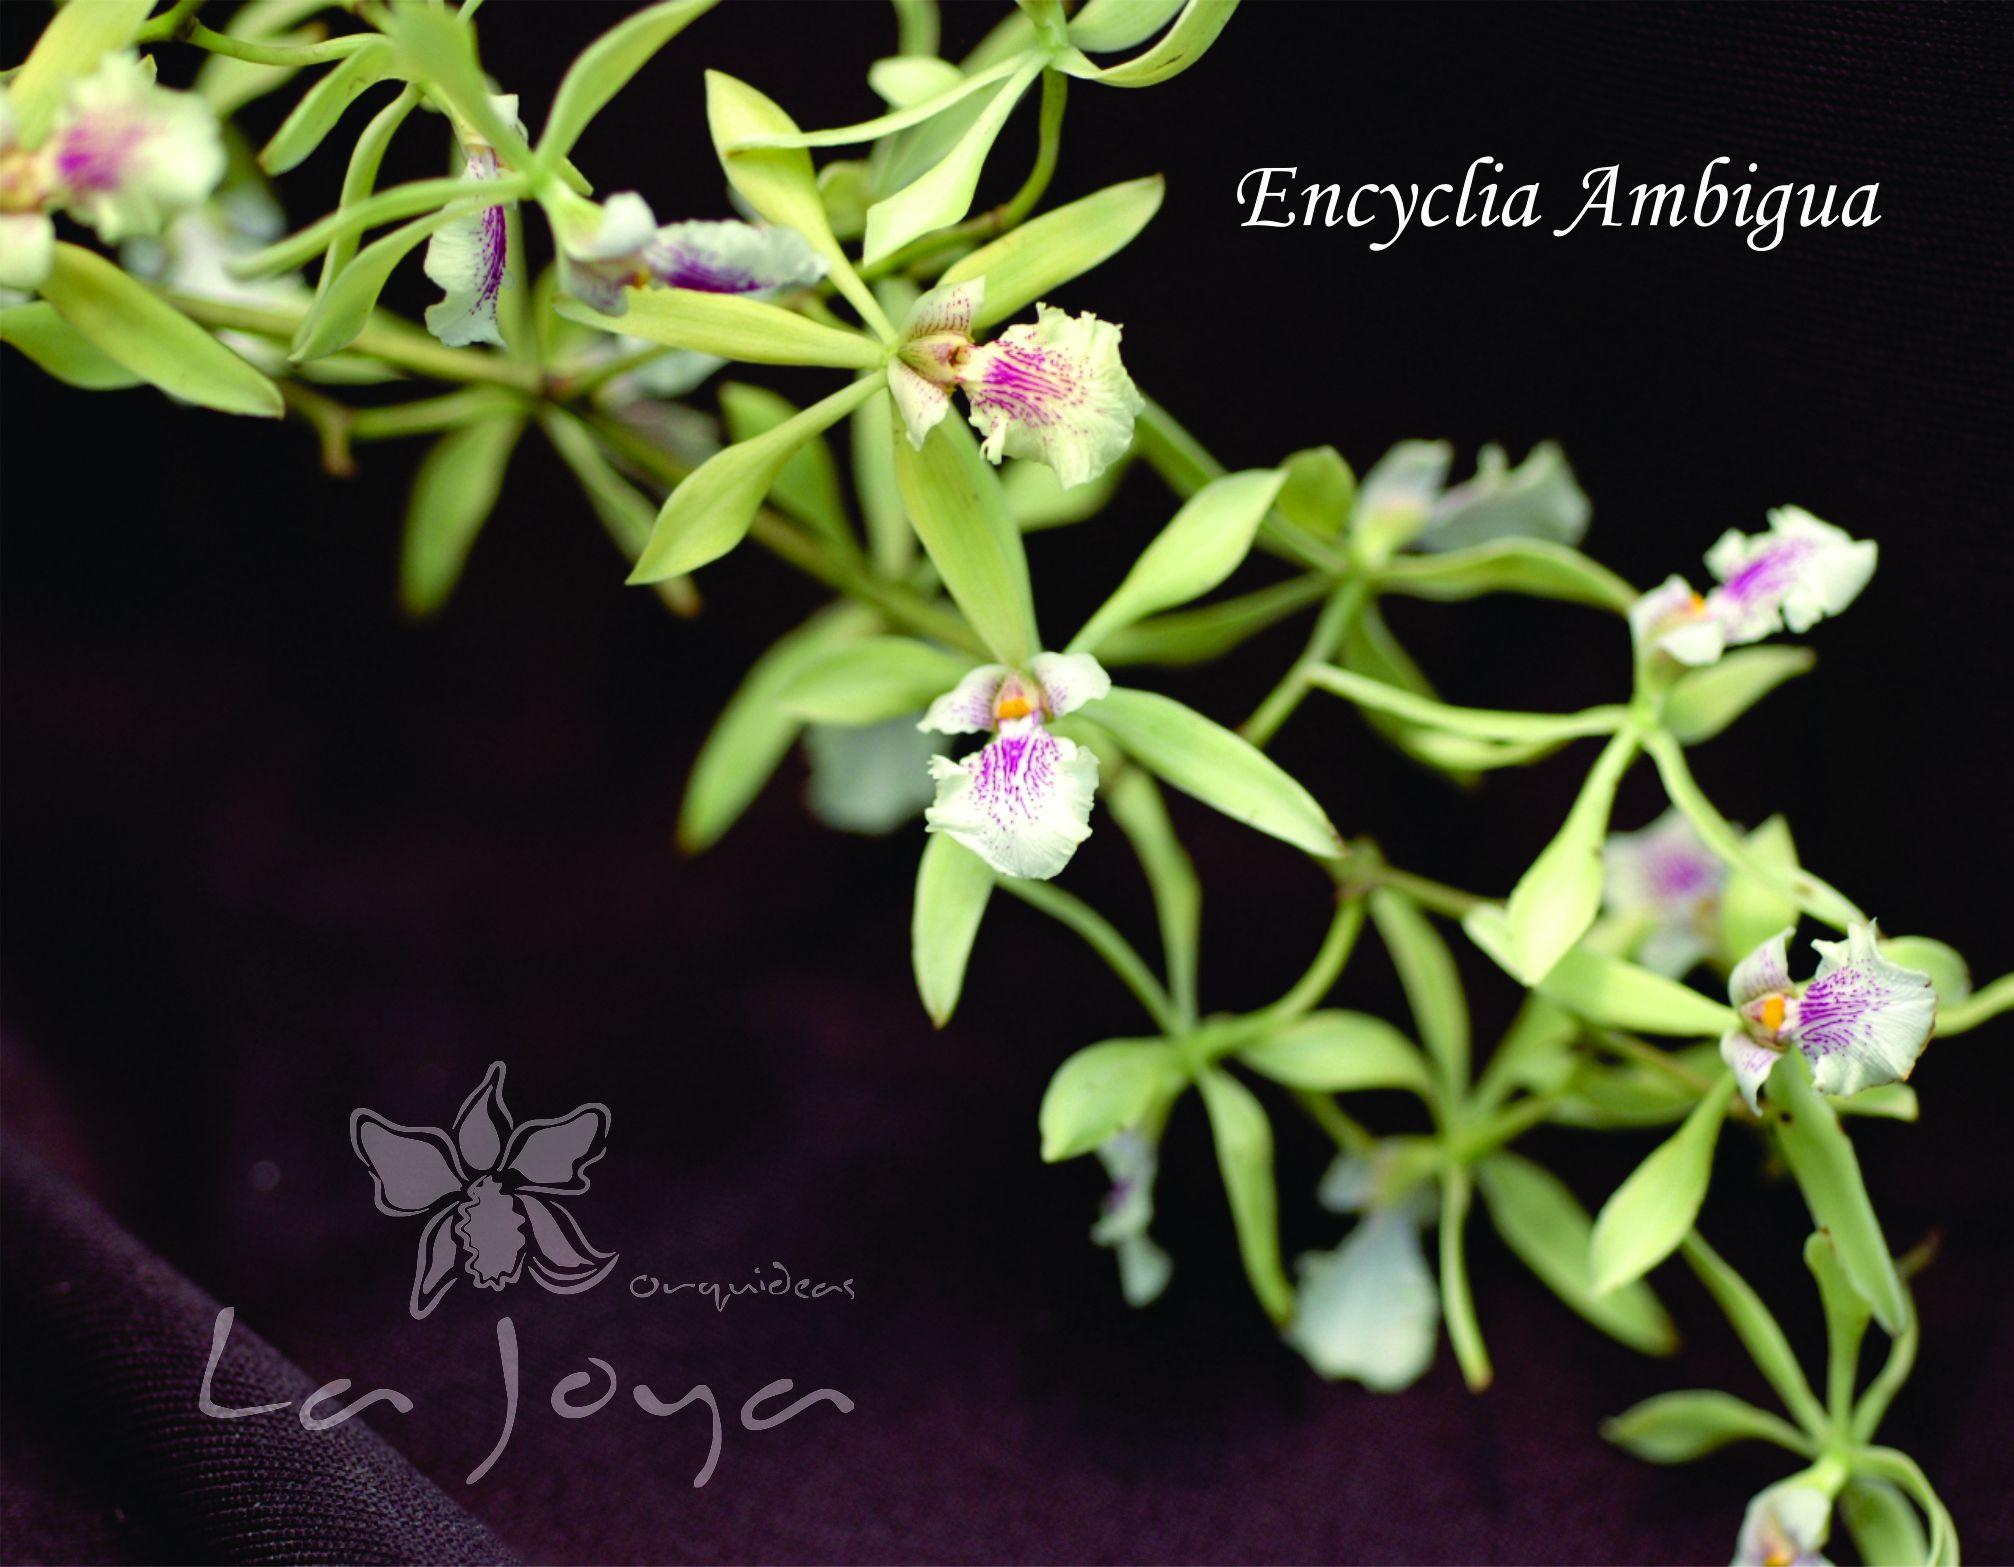 Encyclia Ambigua